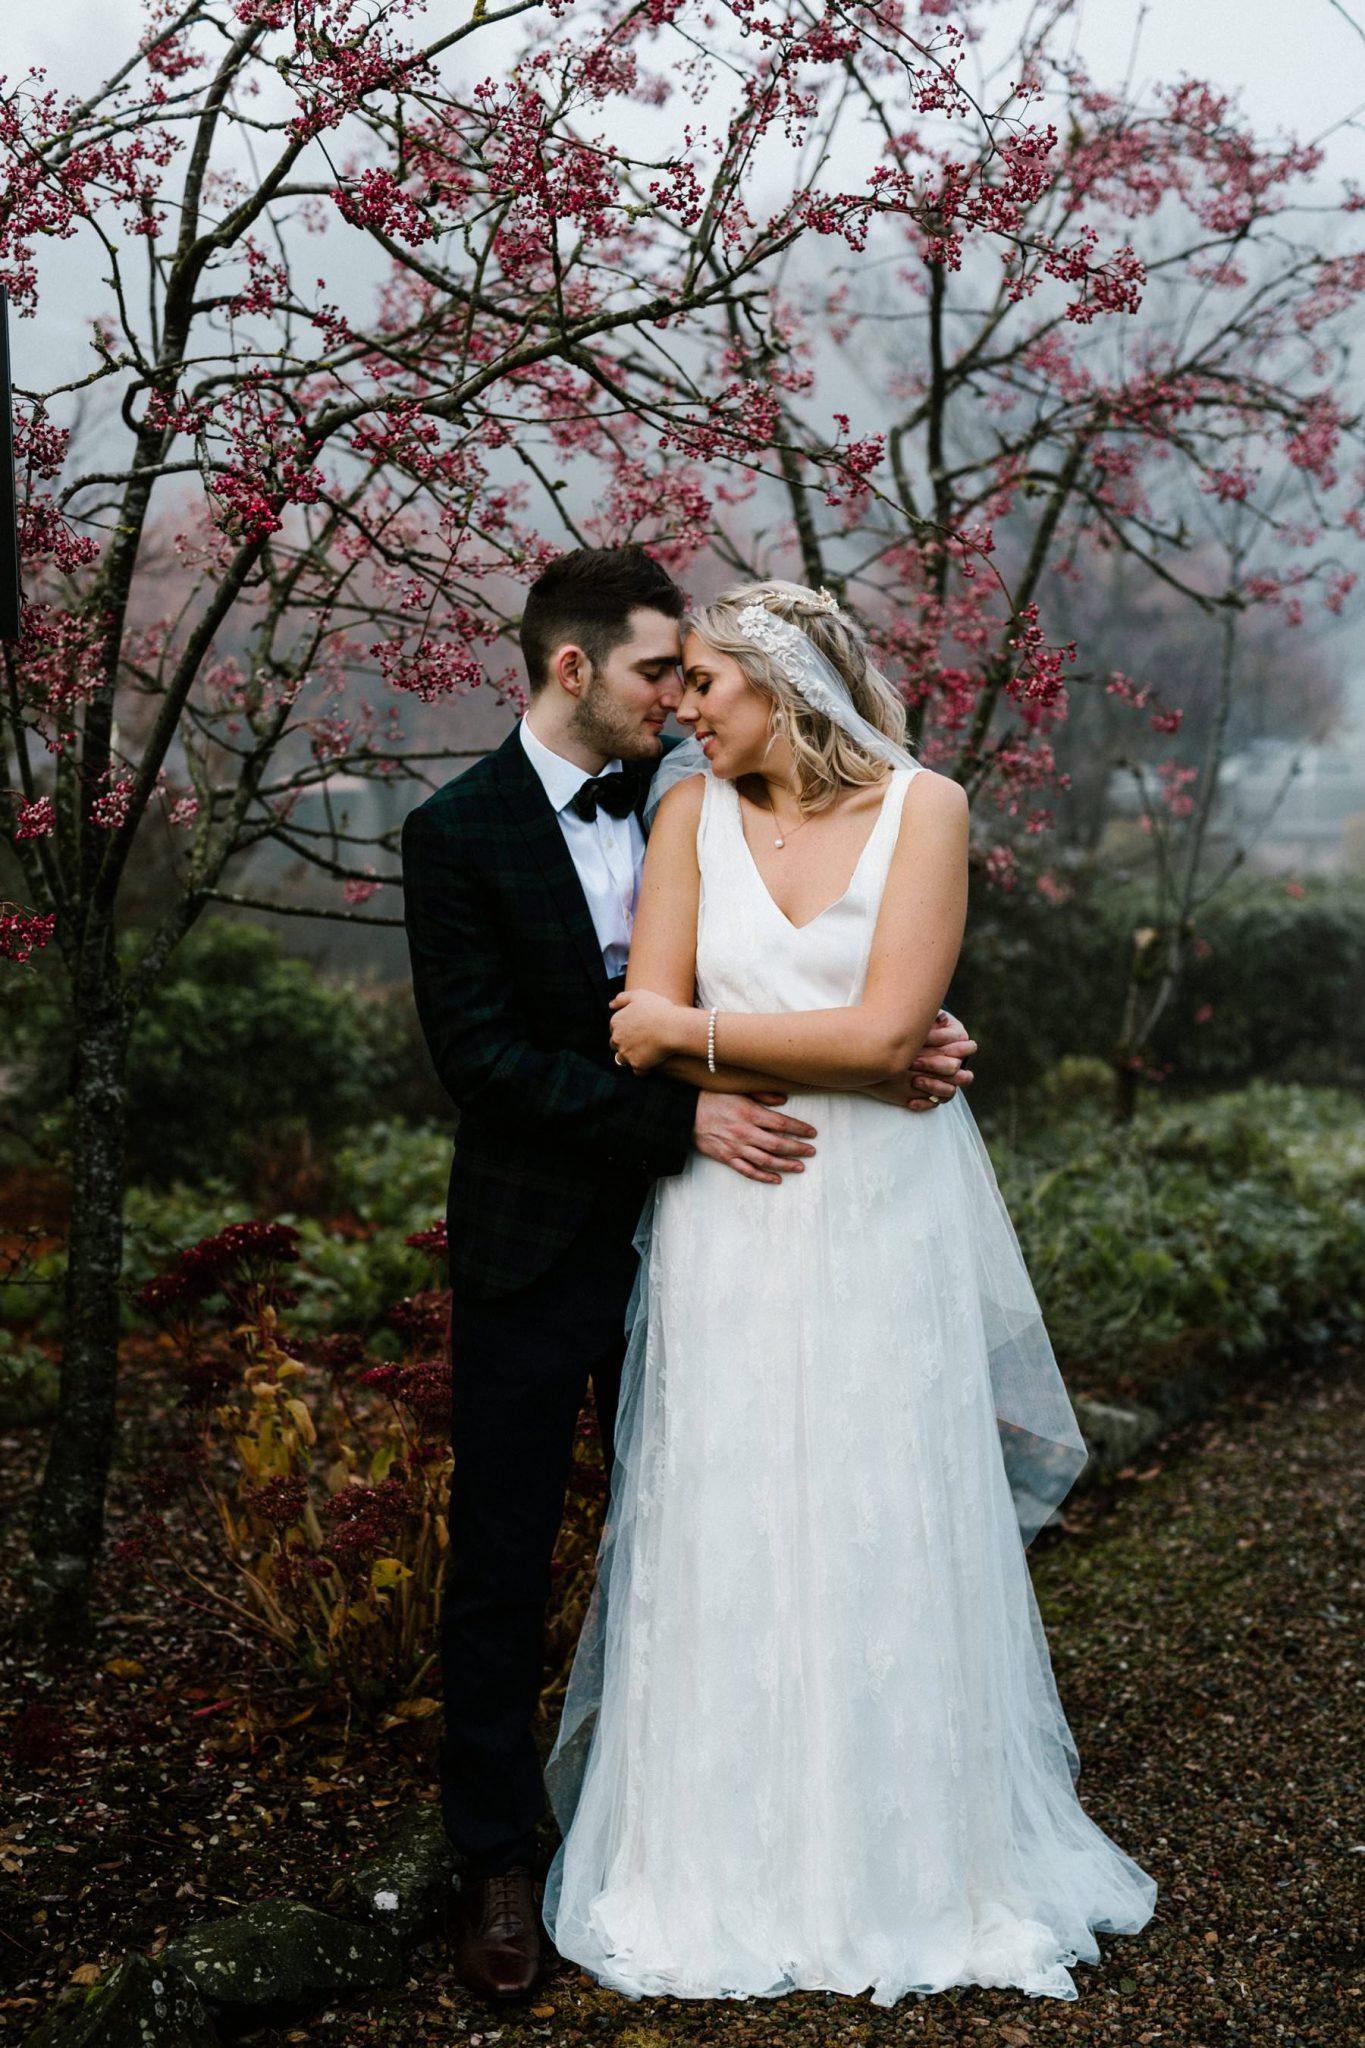 foggy winter wedding in ireland